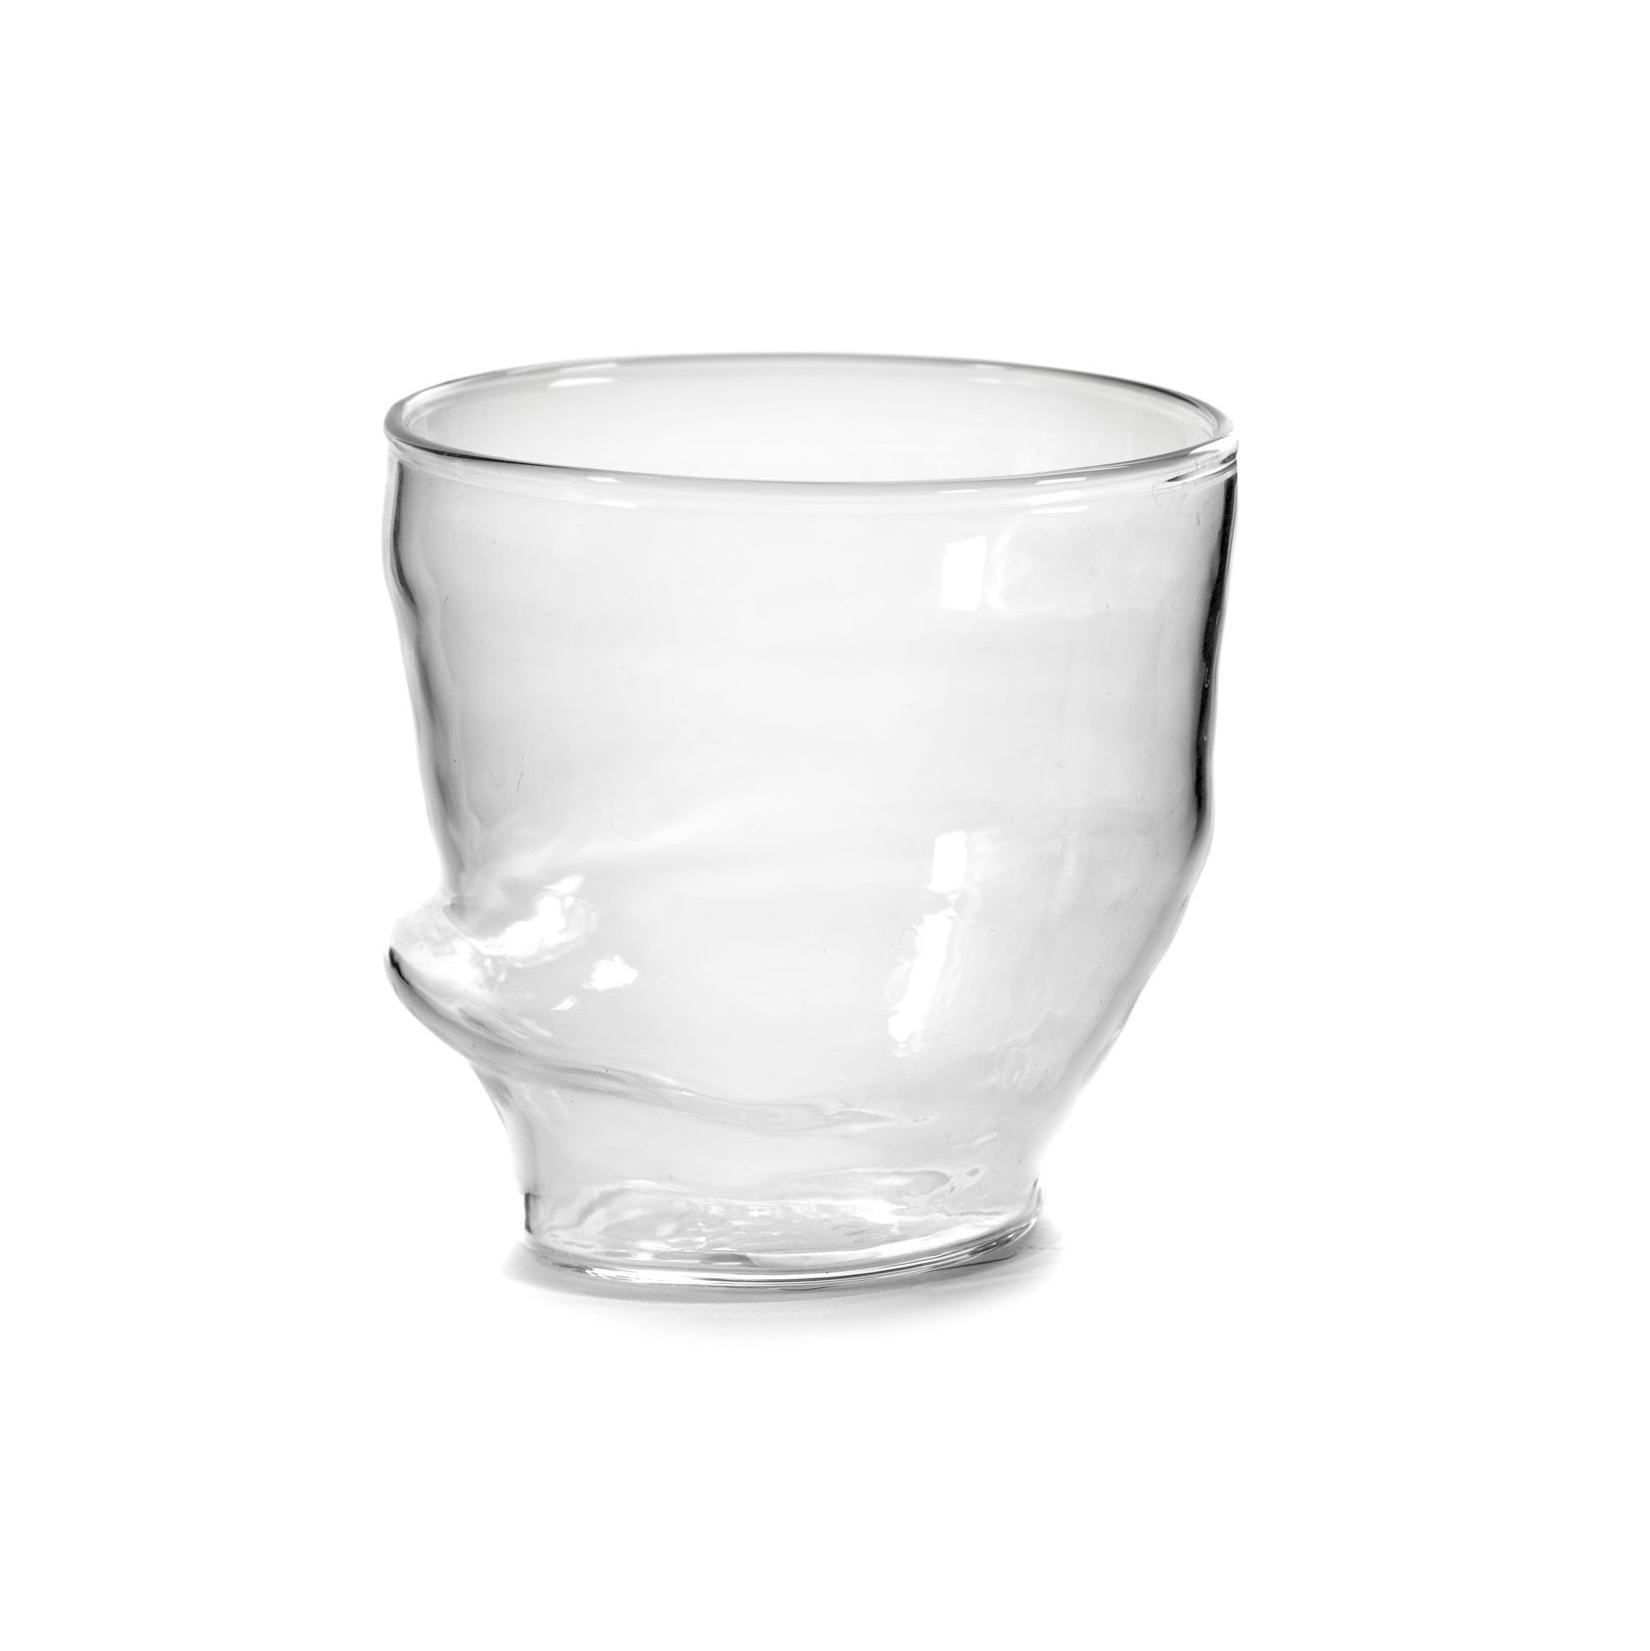 GLASS FLORES